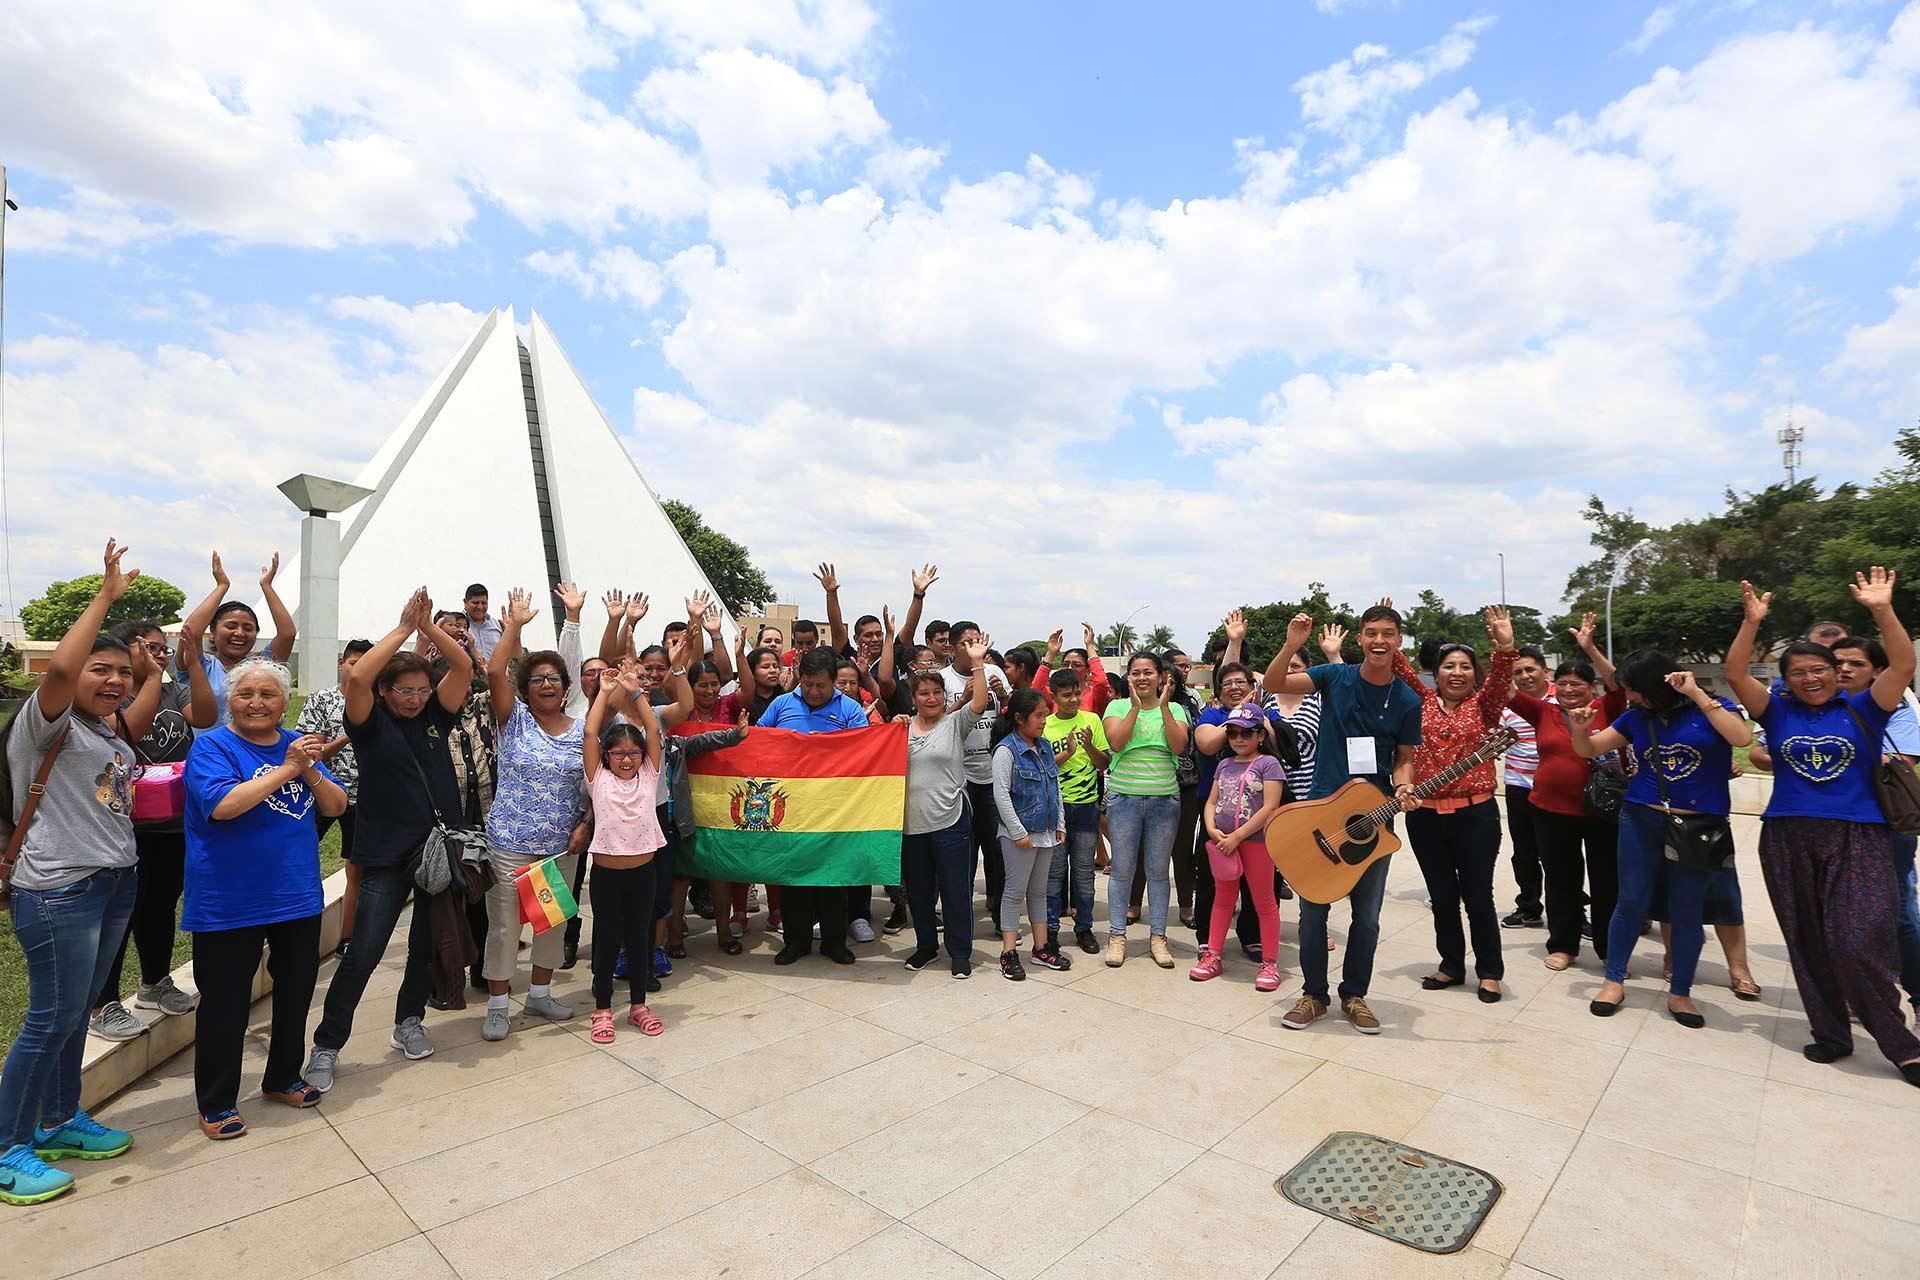 Los peregrinos de varios países asistieron a las celebraciones de los 30 años de Templo de la Paz.